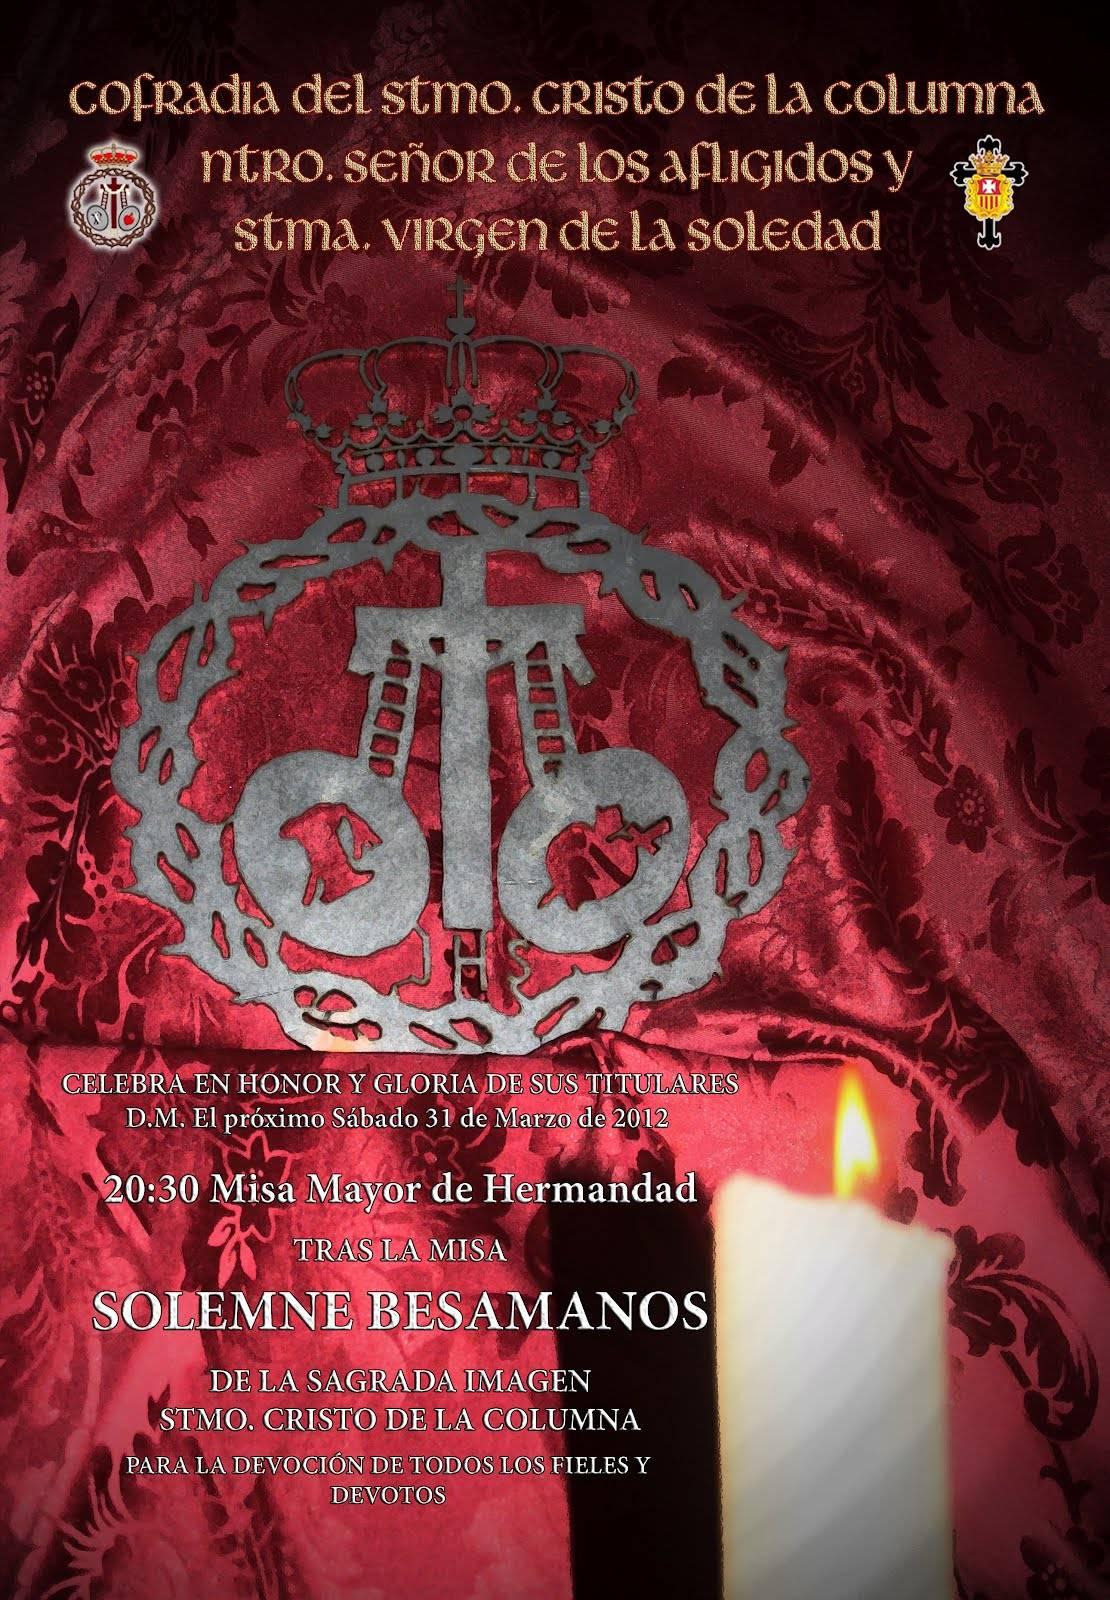 cartel besamanos cristo de la columna 2012 - Besamanos al Cristo de la Columna